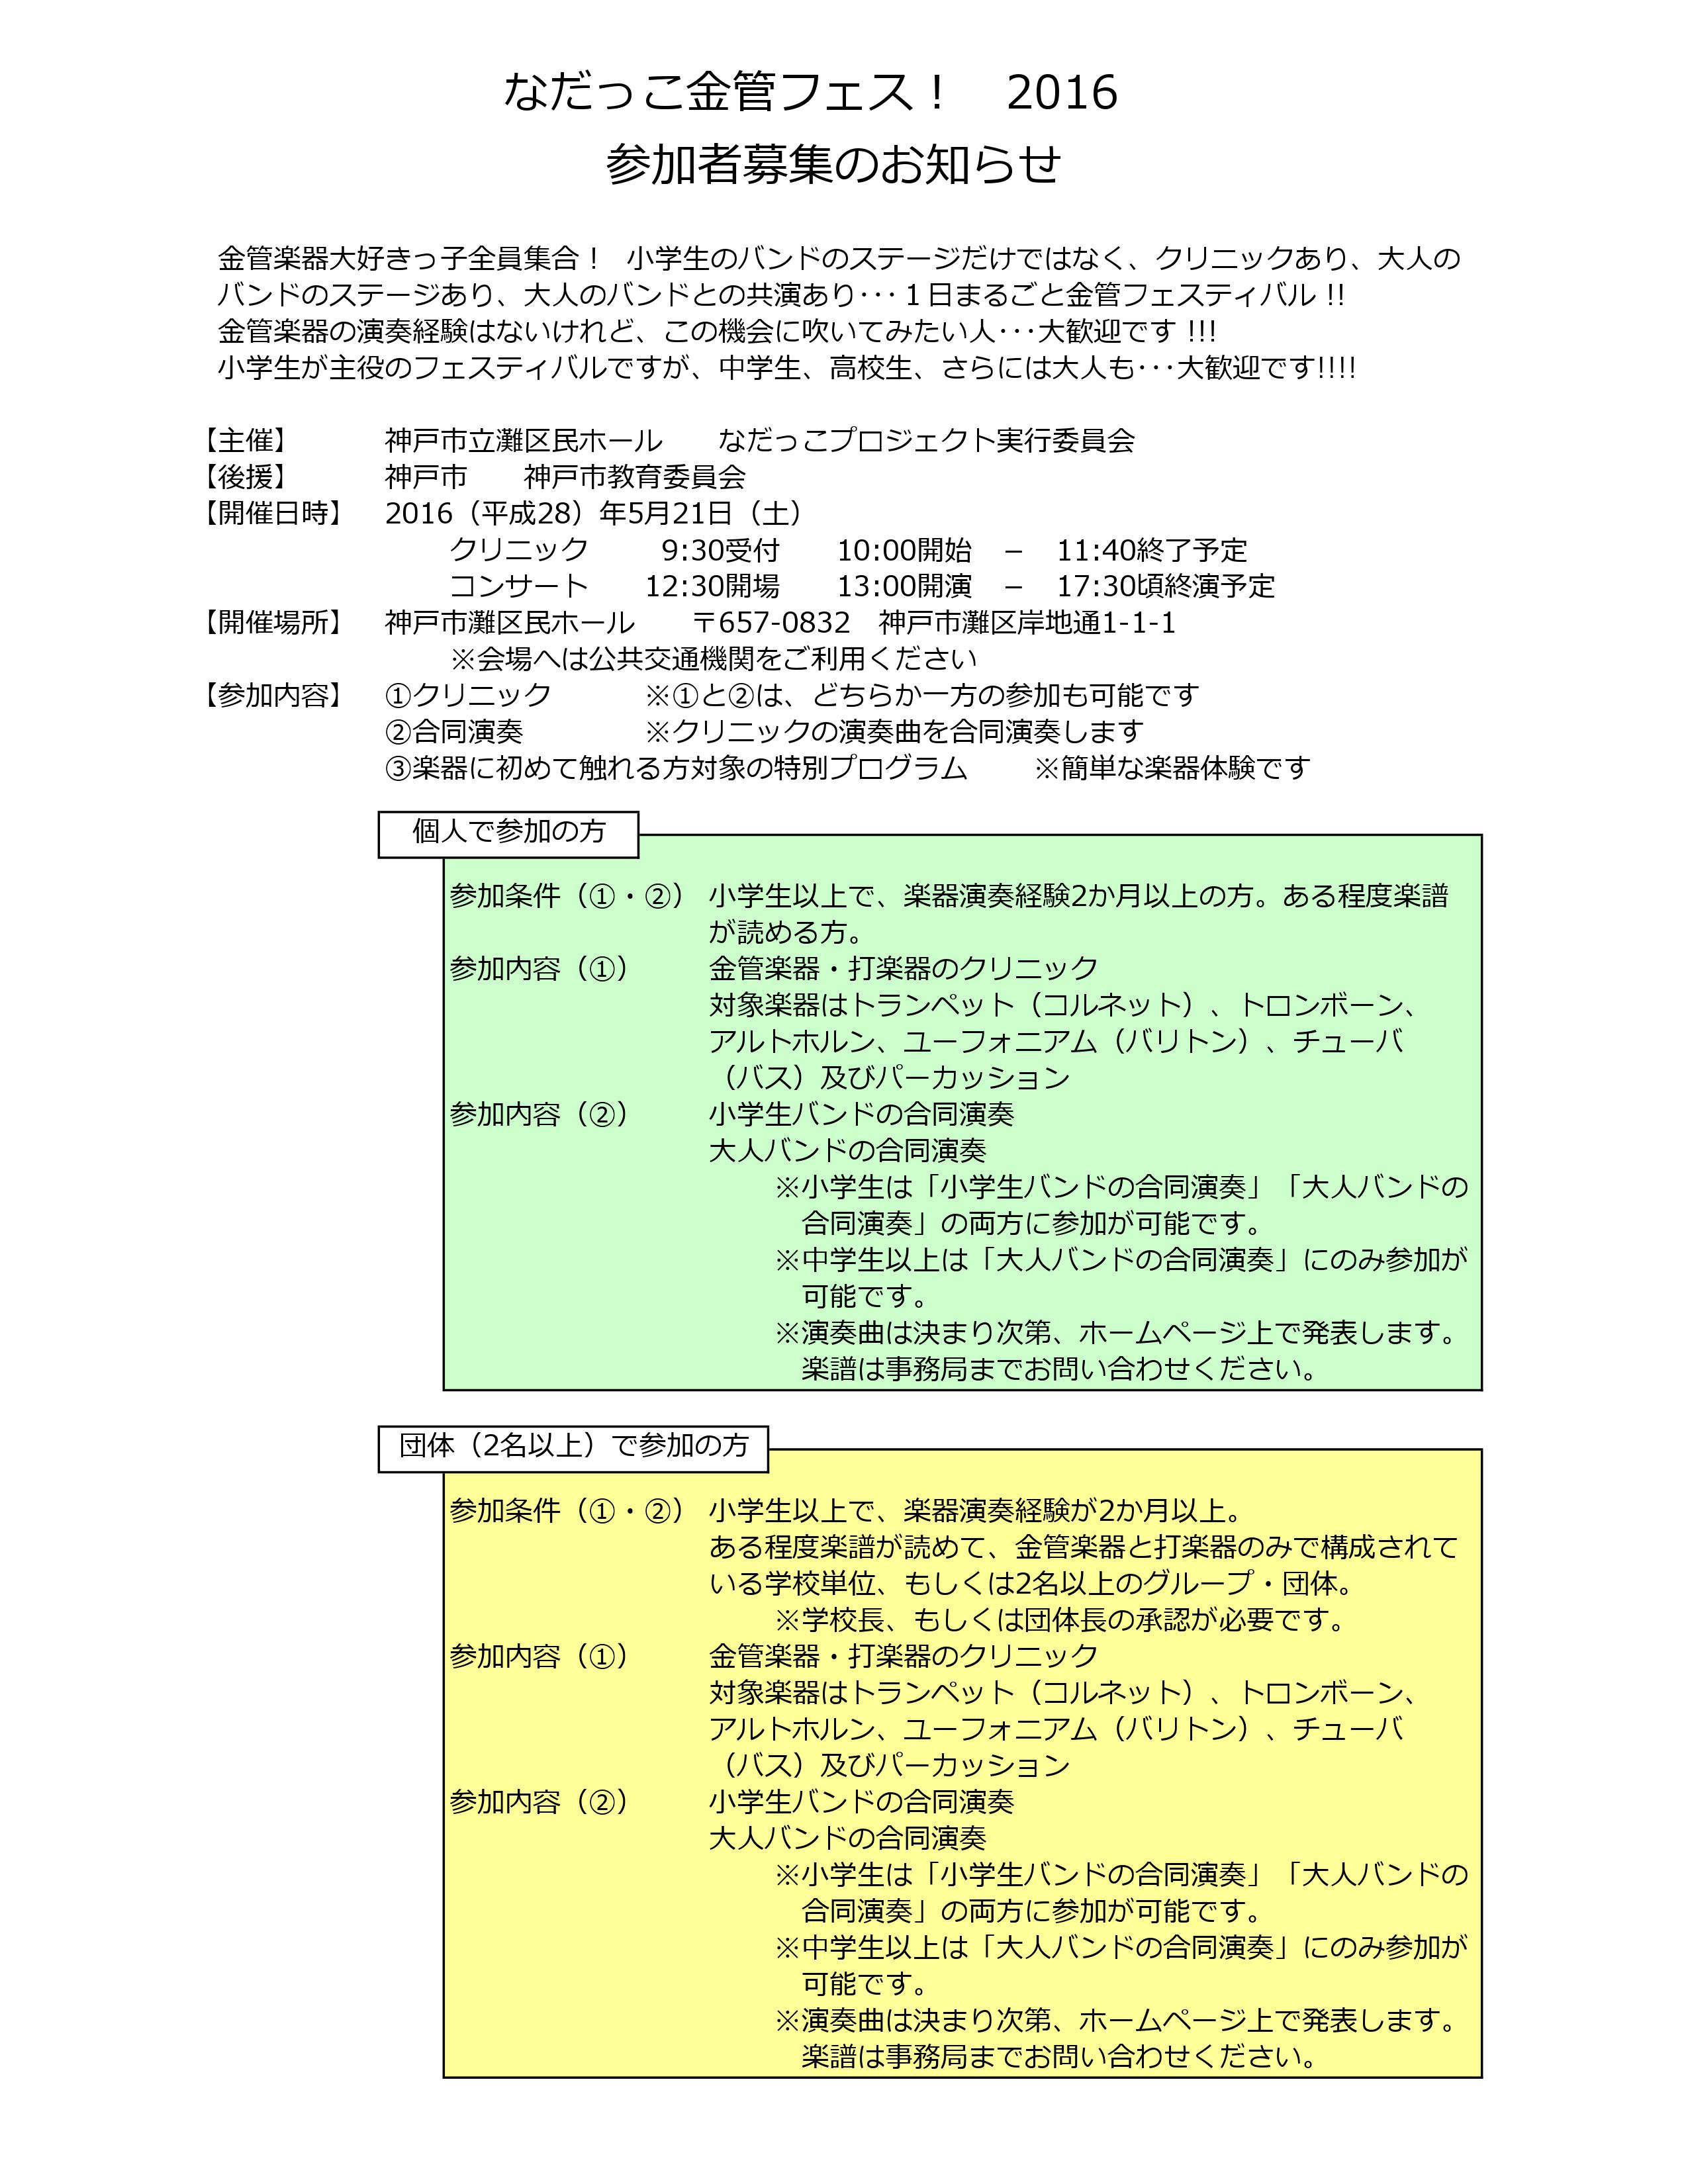 160521募集要項_最新_1